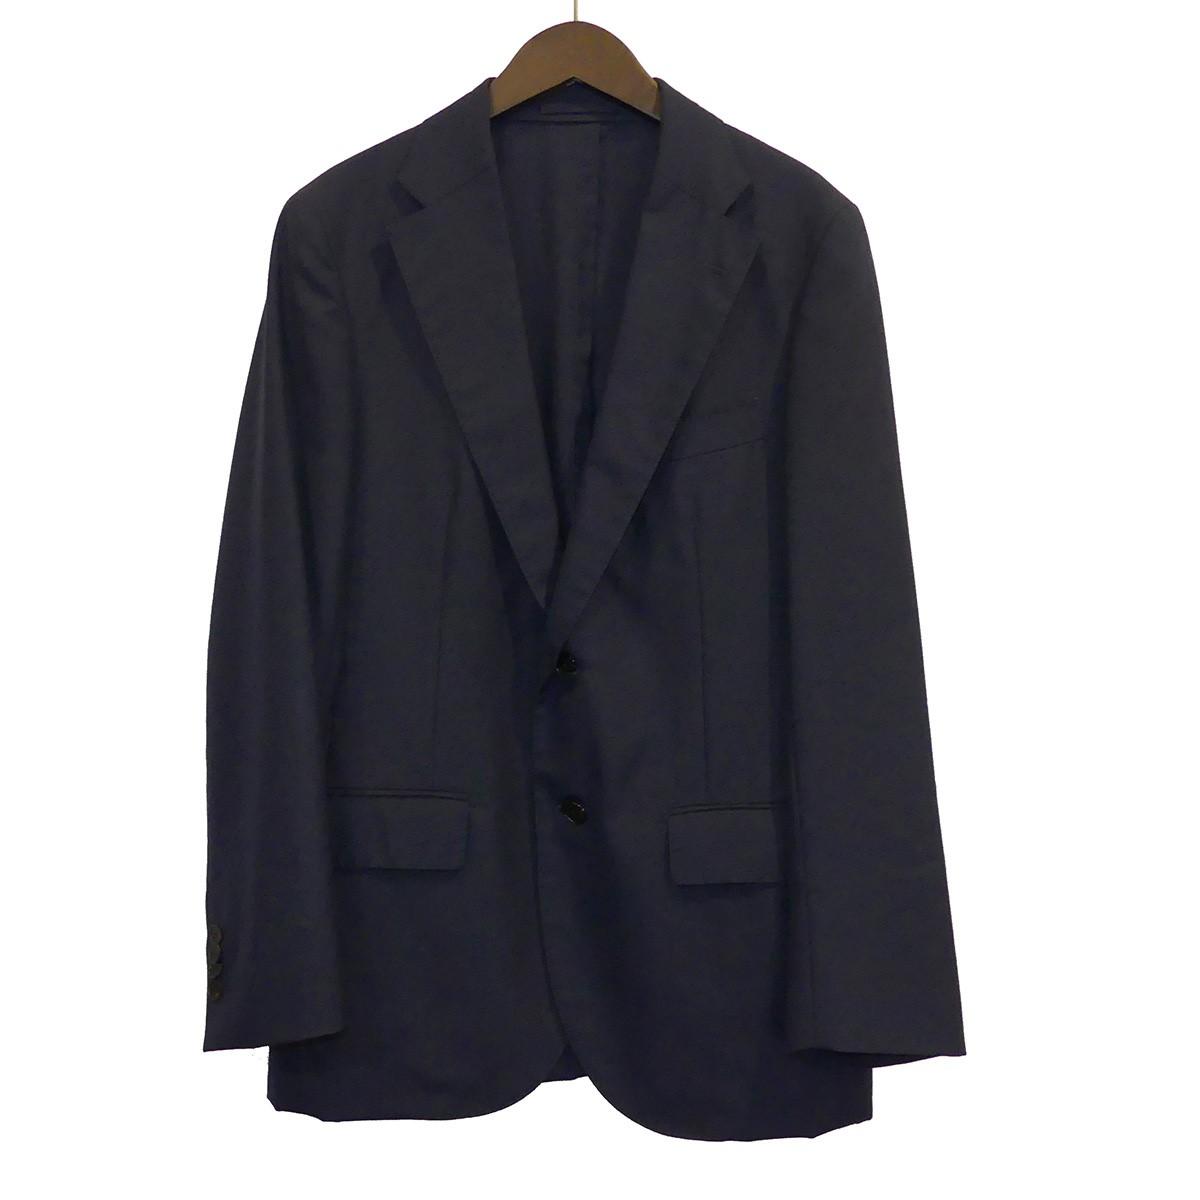 【中古】MACKINTOSH PHILOSOPHY テーラードジャケット ネイビー サイズ:38R 【070320】(マッキントッシュフィロソフィー)